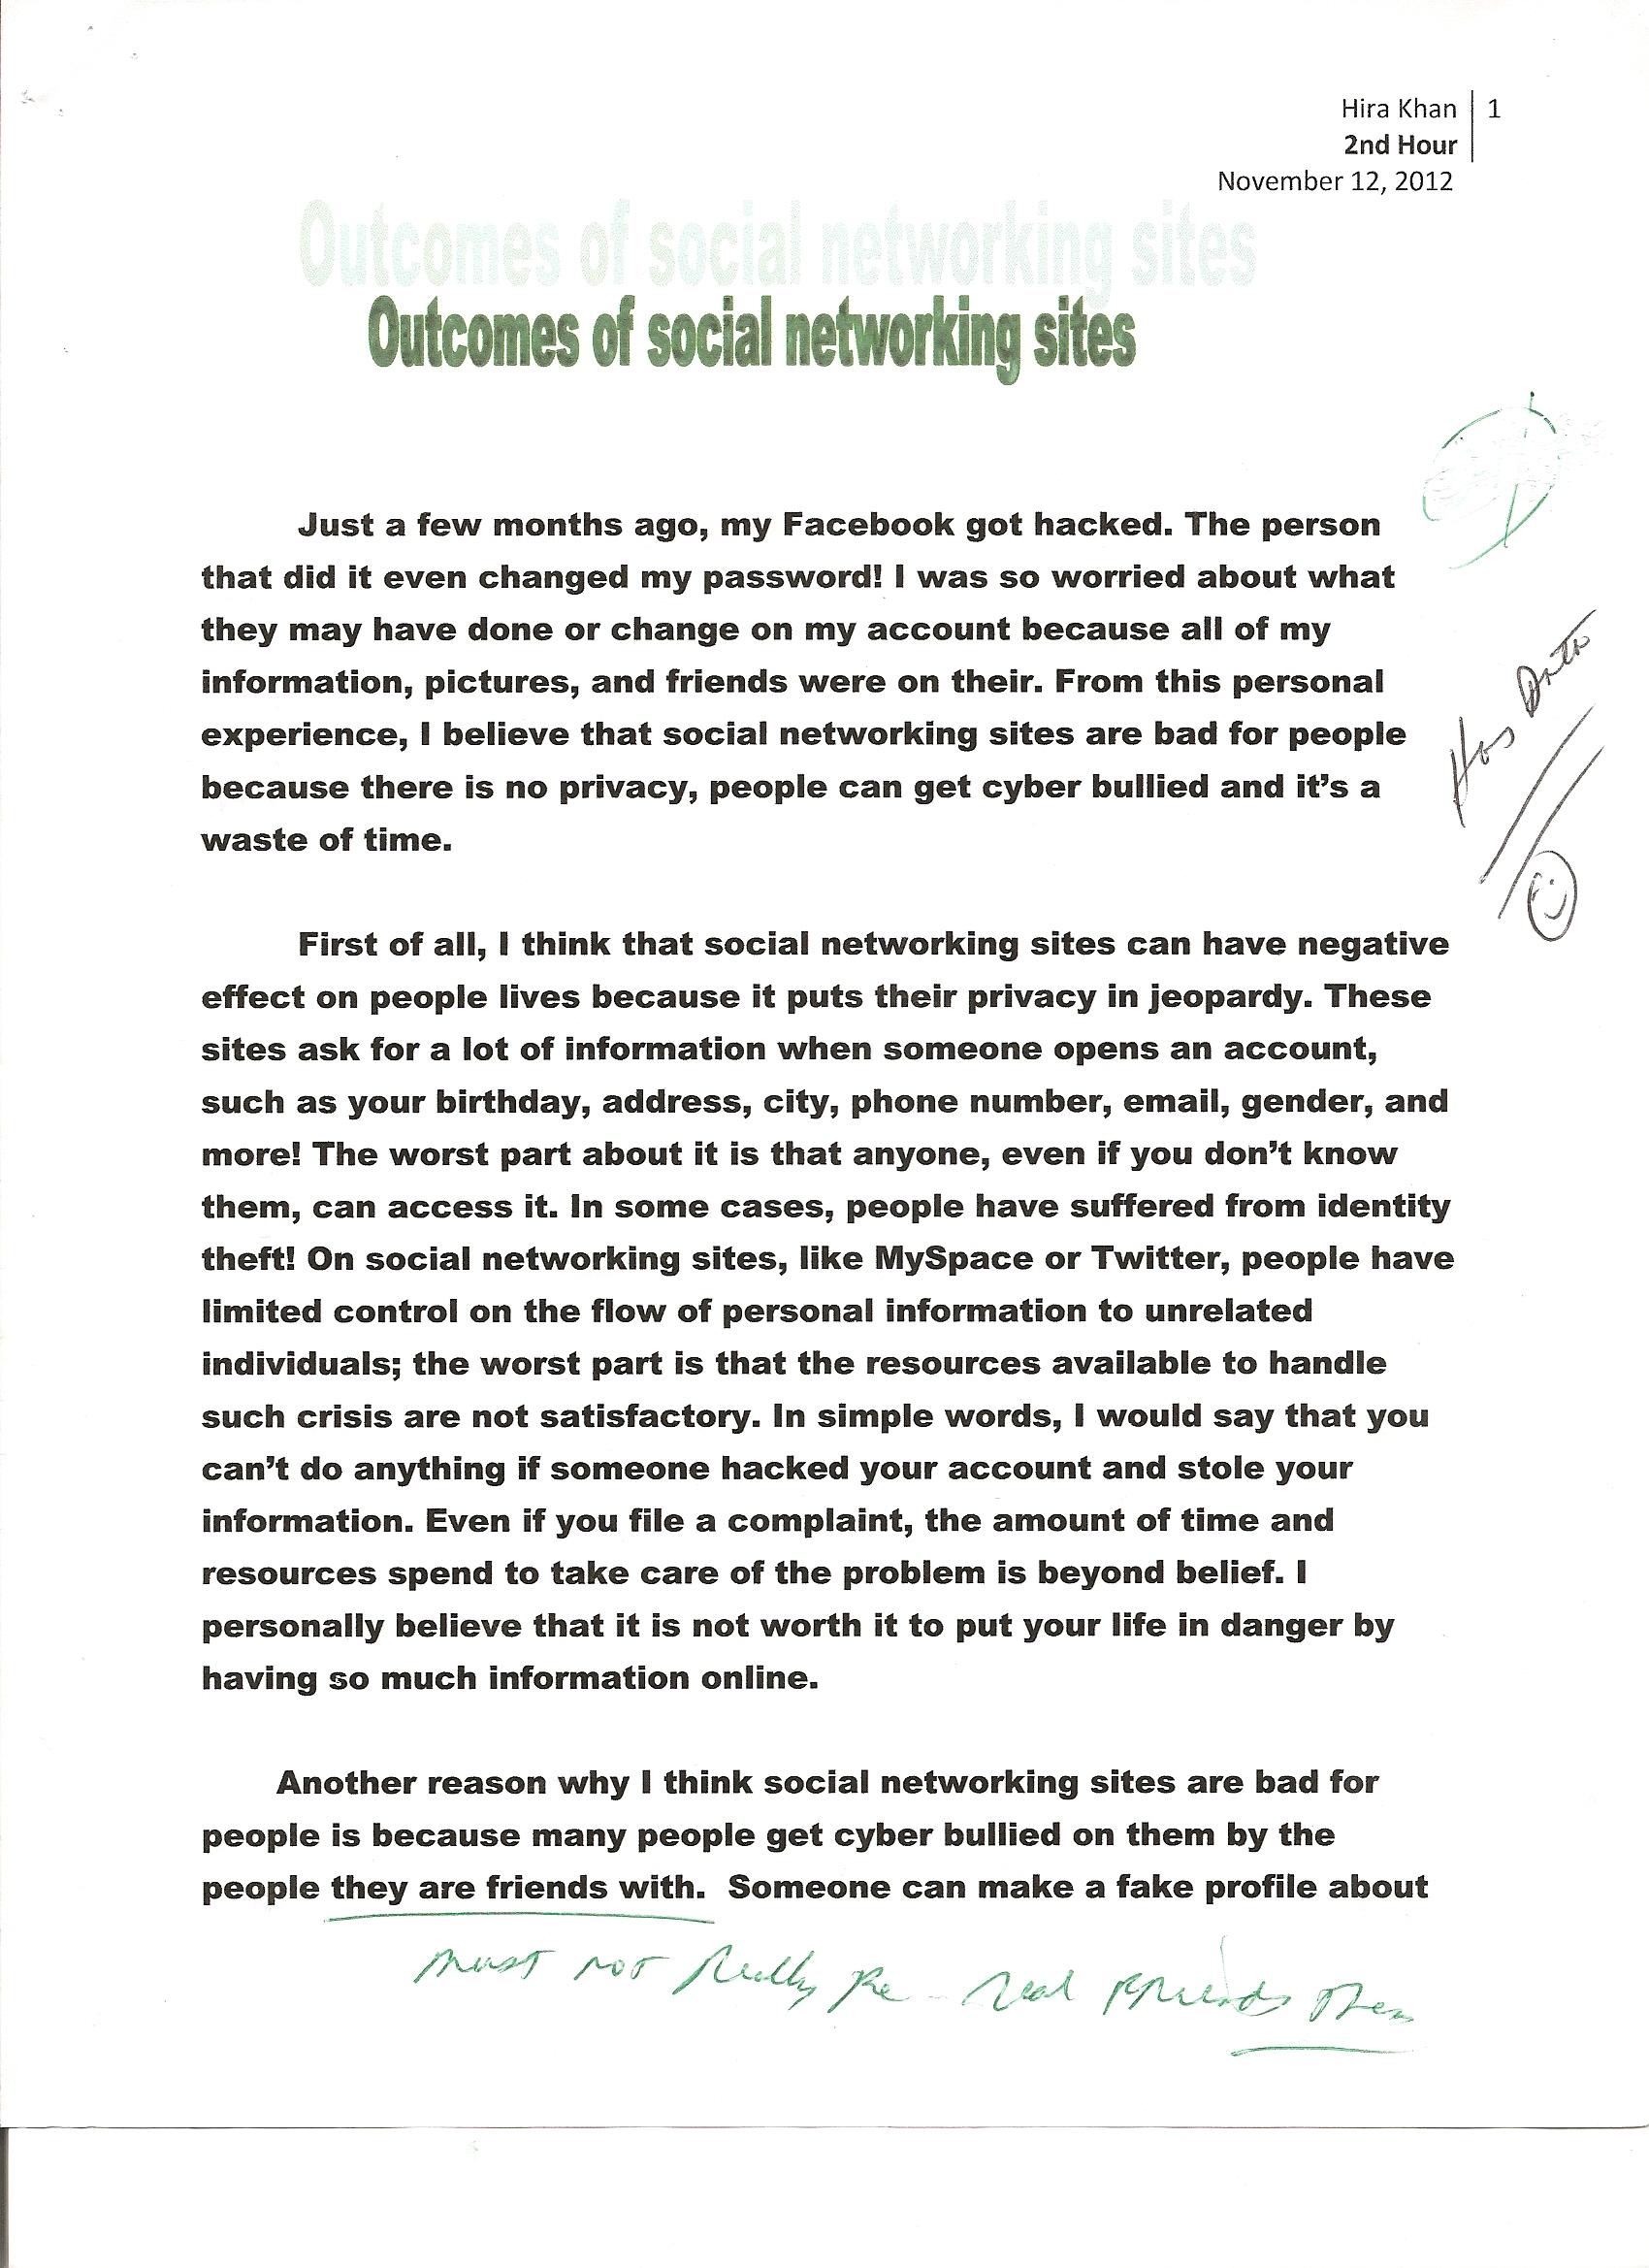 006 Social Networking 1 Descriptive Narrative Essays Remarkable Essay Examples Topics Good Full